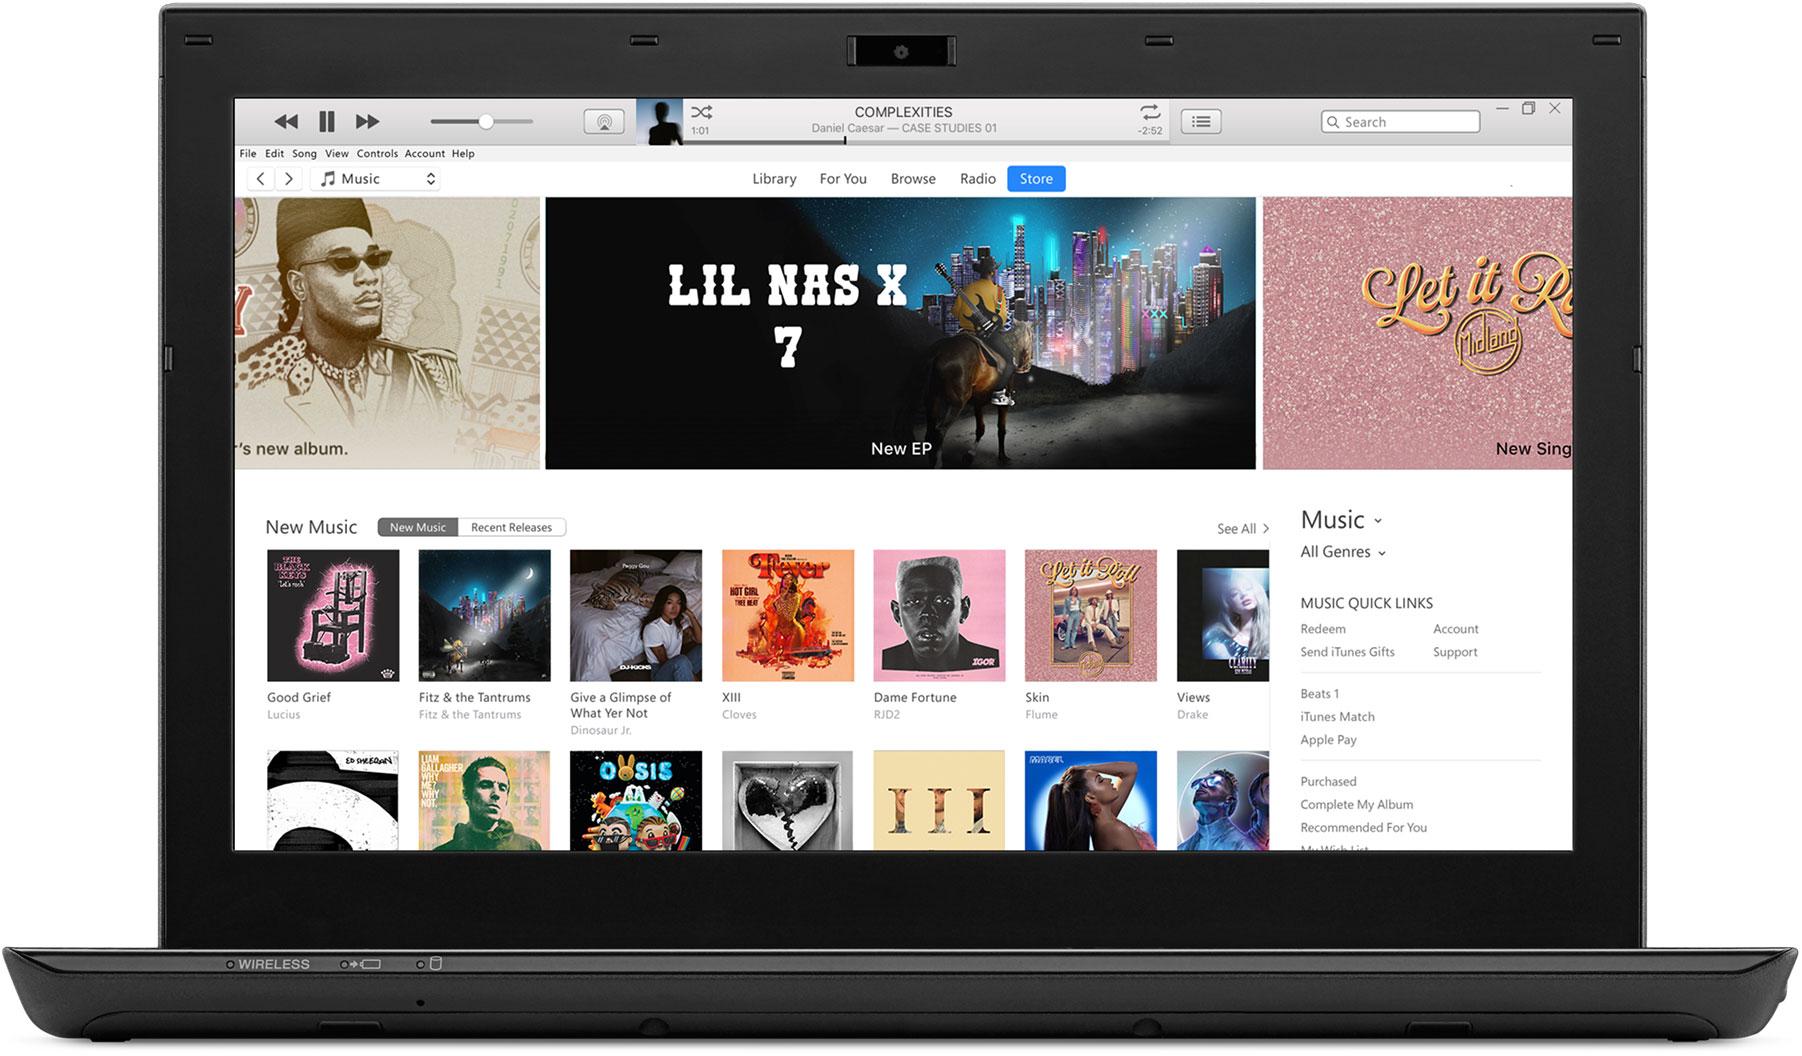 Sincronizar iPhone mediante iTunes desde PC con windows